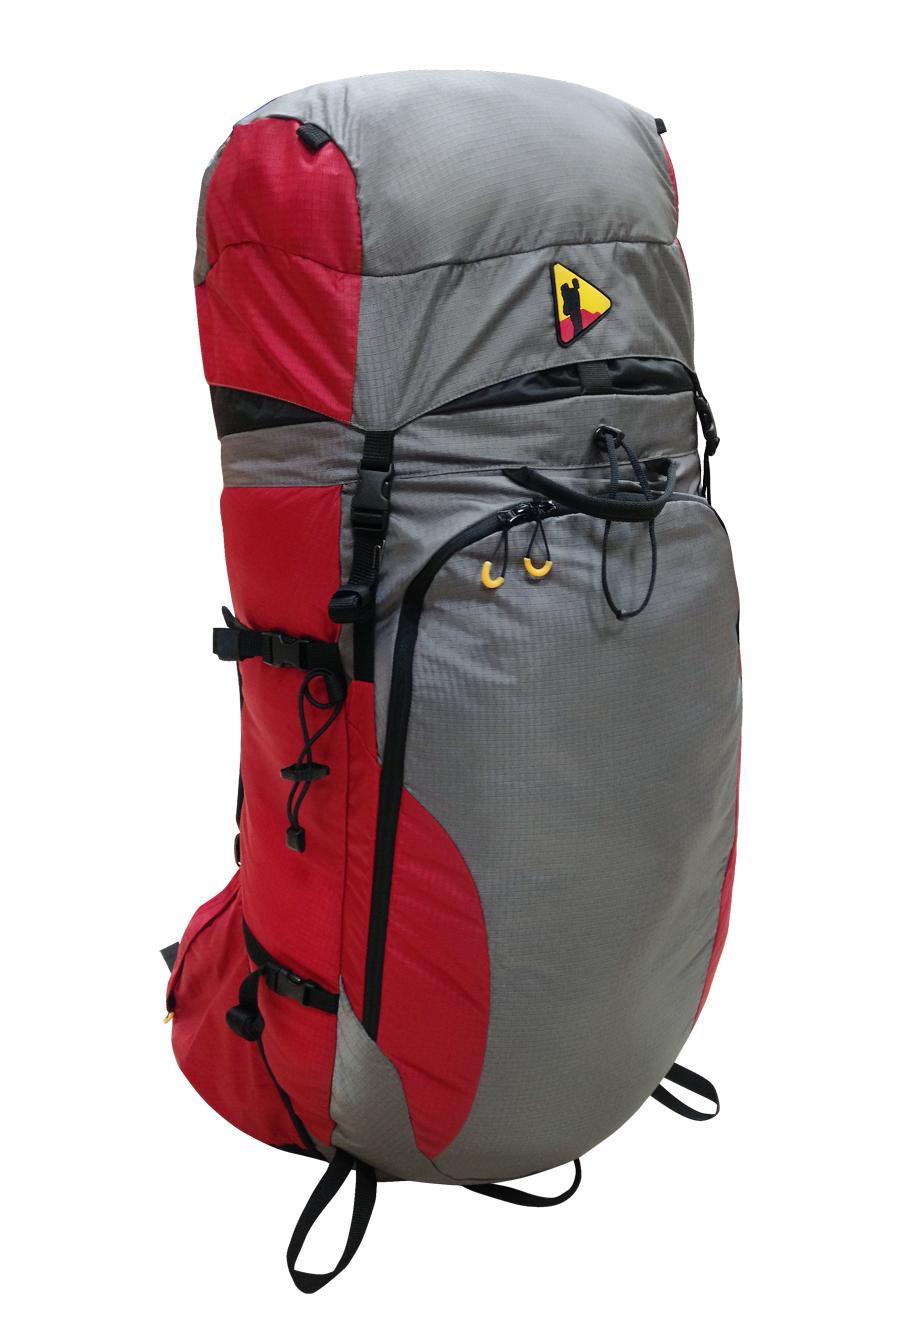 Рюкзак BASK BERG 110 4052Практичный рюкзак объёмом 110 л. Предусмотрен специальный вход на молнии со стороны спины для быстрого доступа.<br><br>Анатомическая конструкция спины и ремней: Да<br>Вес граммы: 2100<br>Возможность крепления сноуборда/скейтборда/лыж: Да<br>Грудной фиксатор: Да<br>Карманы на поясе: Да<br>Клапан: съемный<br>Назначение: экспедиционный, туристический, спортивный<br>Наружная навеска: Да<br>Наружные карманы: Да<br>Объем л.: 110<br>Пол: мужской<br>Регулировка объема: Да<br>Система подвески: система нижней подвески плечевых ремней «Актив»<br>Ткань: 100D Robic® Triple Rip 2000 мм Н2О UTS<br>Усиление дна: Да